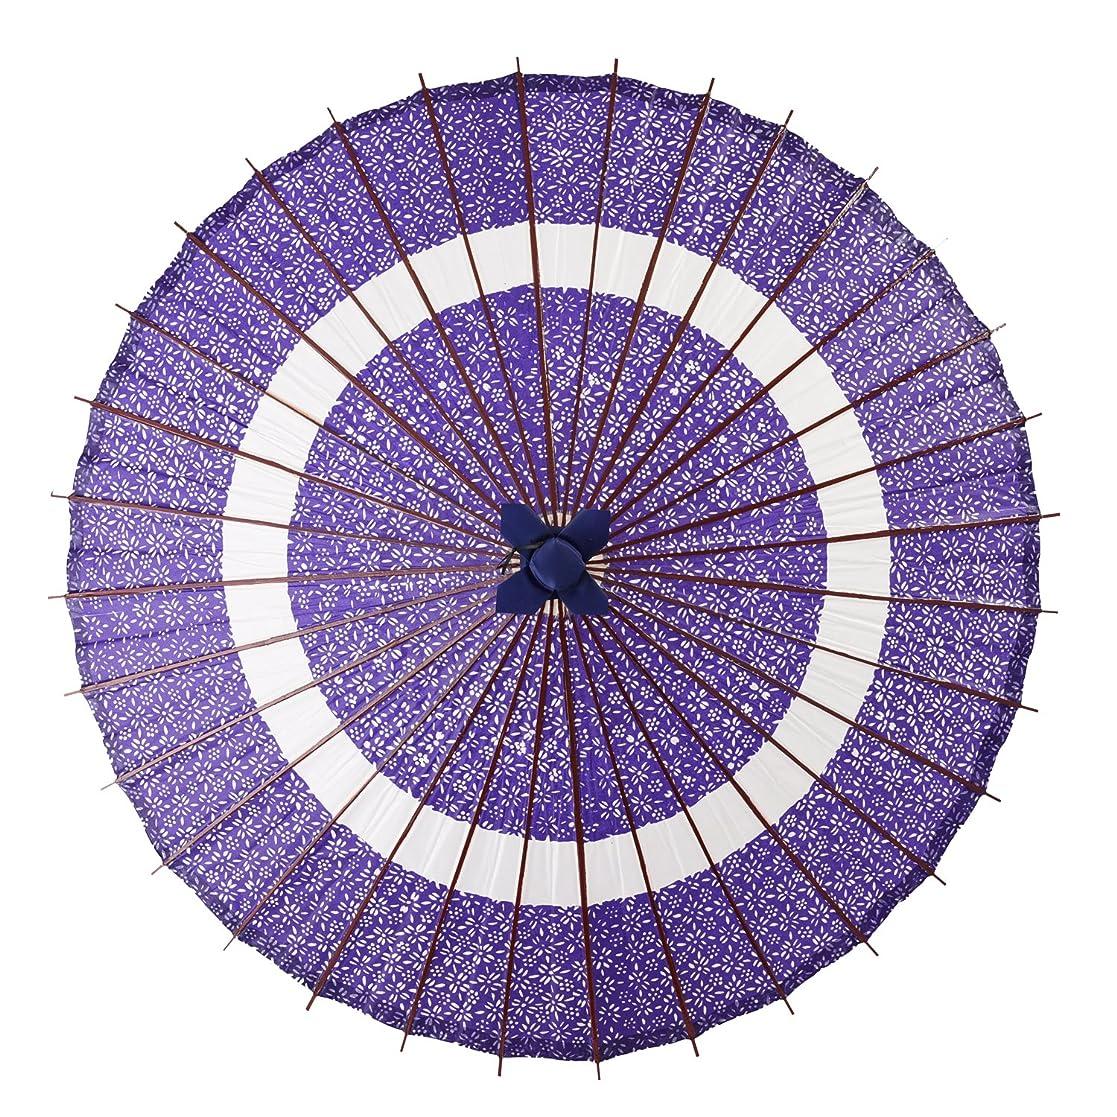 電池あえてプレゼンターよさこい 蛇の目傘 和傘 装飾用 全4色 長傘 手開き 花輪 青 36本骨 舞踏傘 踊り傘